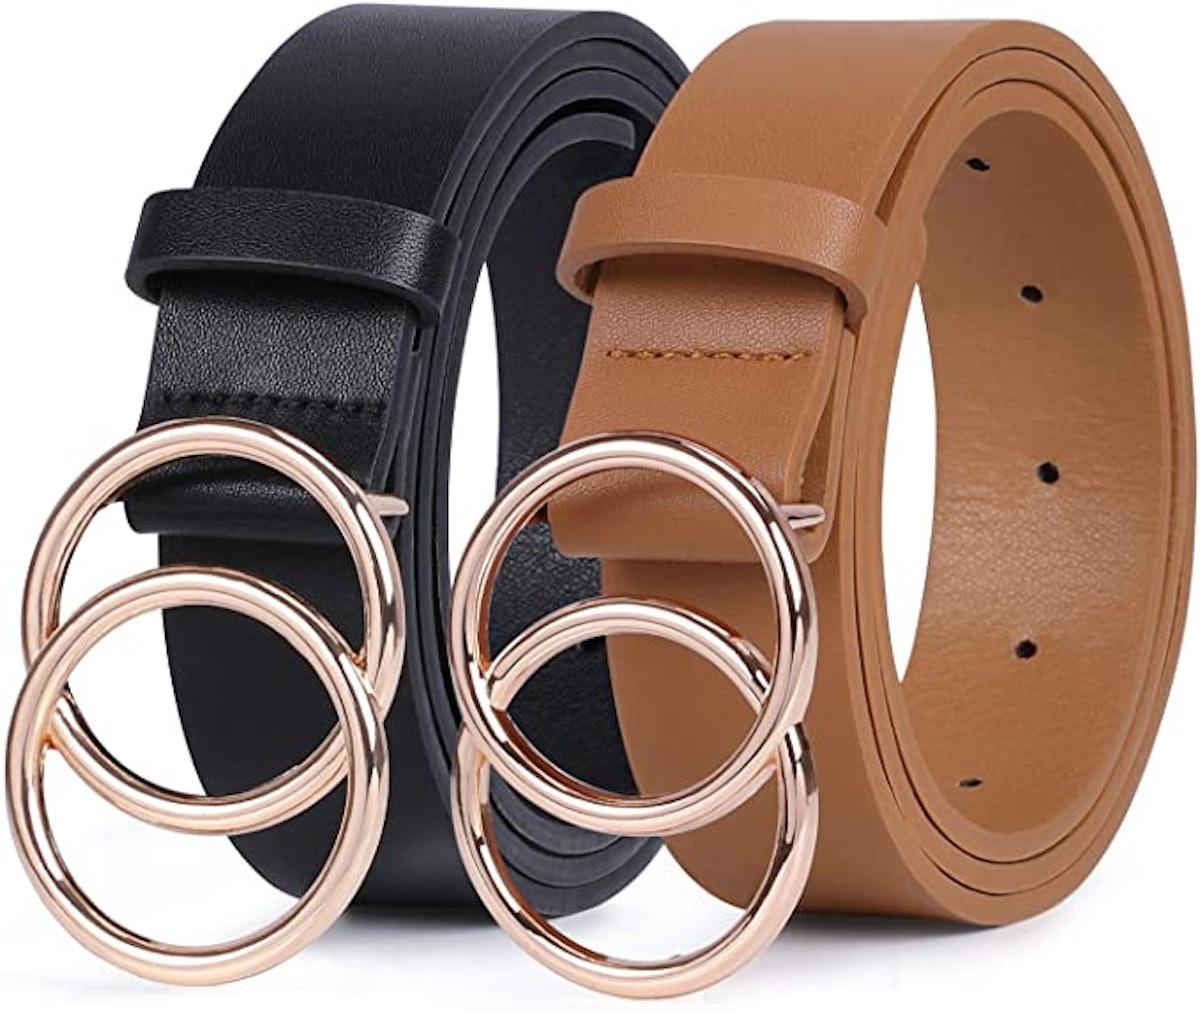 Sansths Faux Leather Belt (2-Pack)